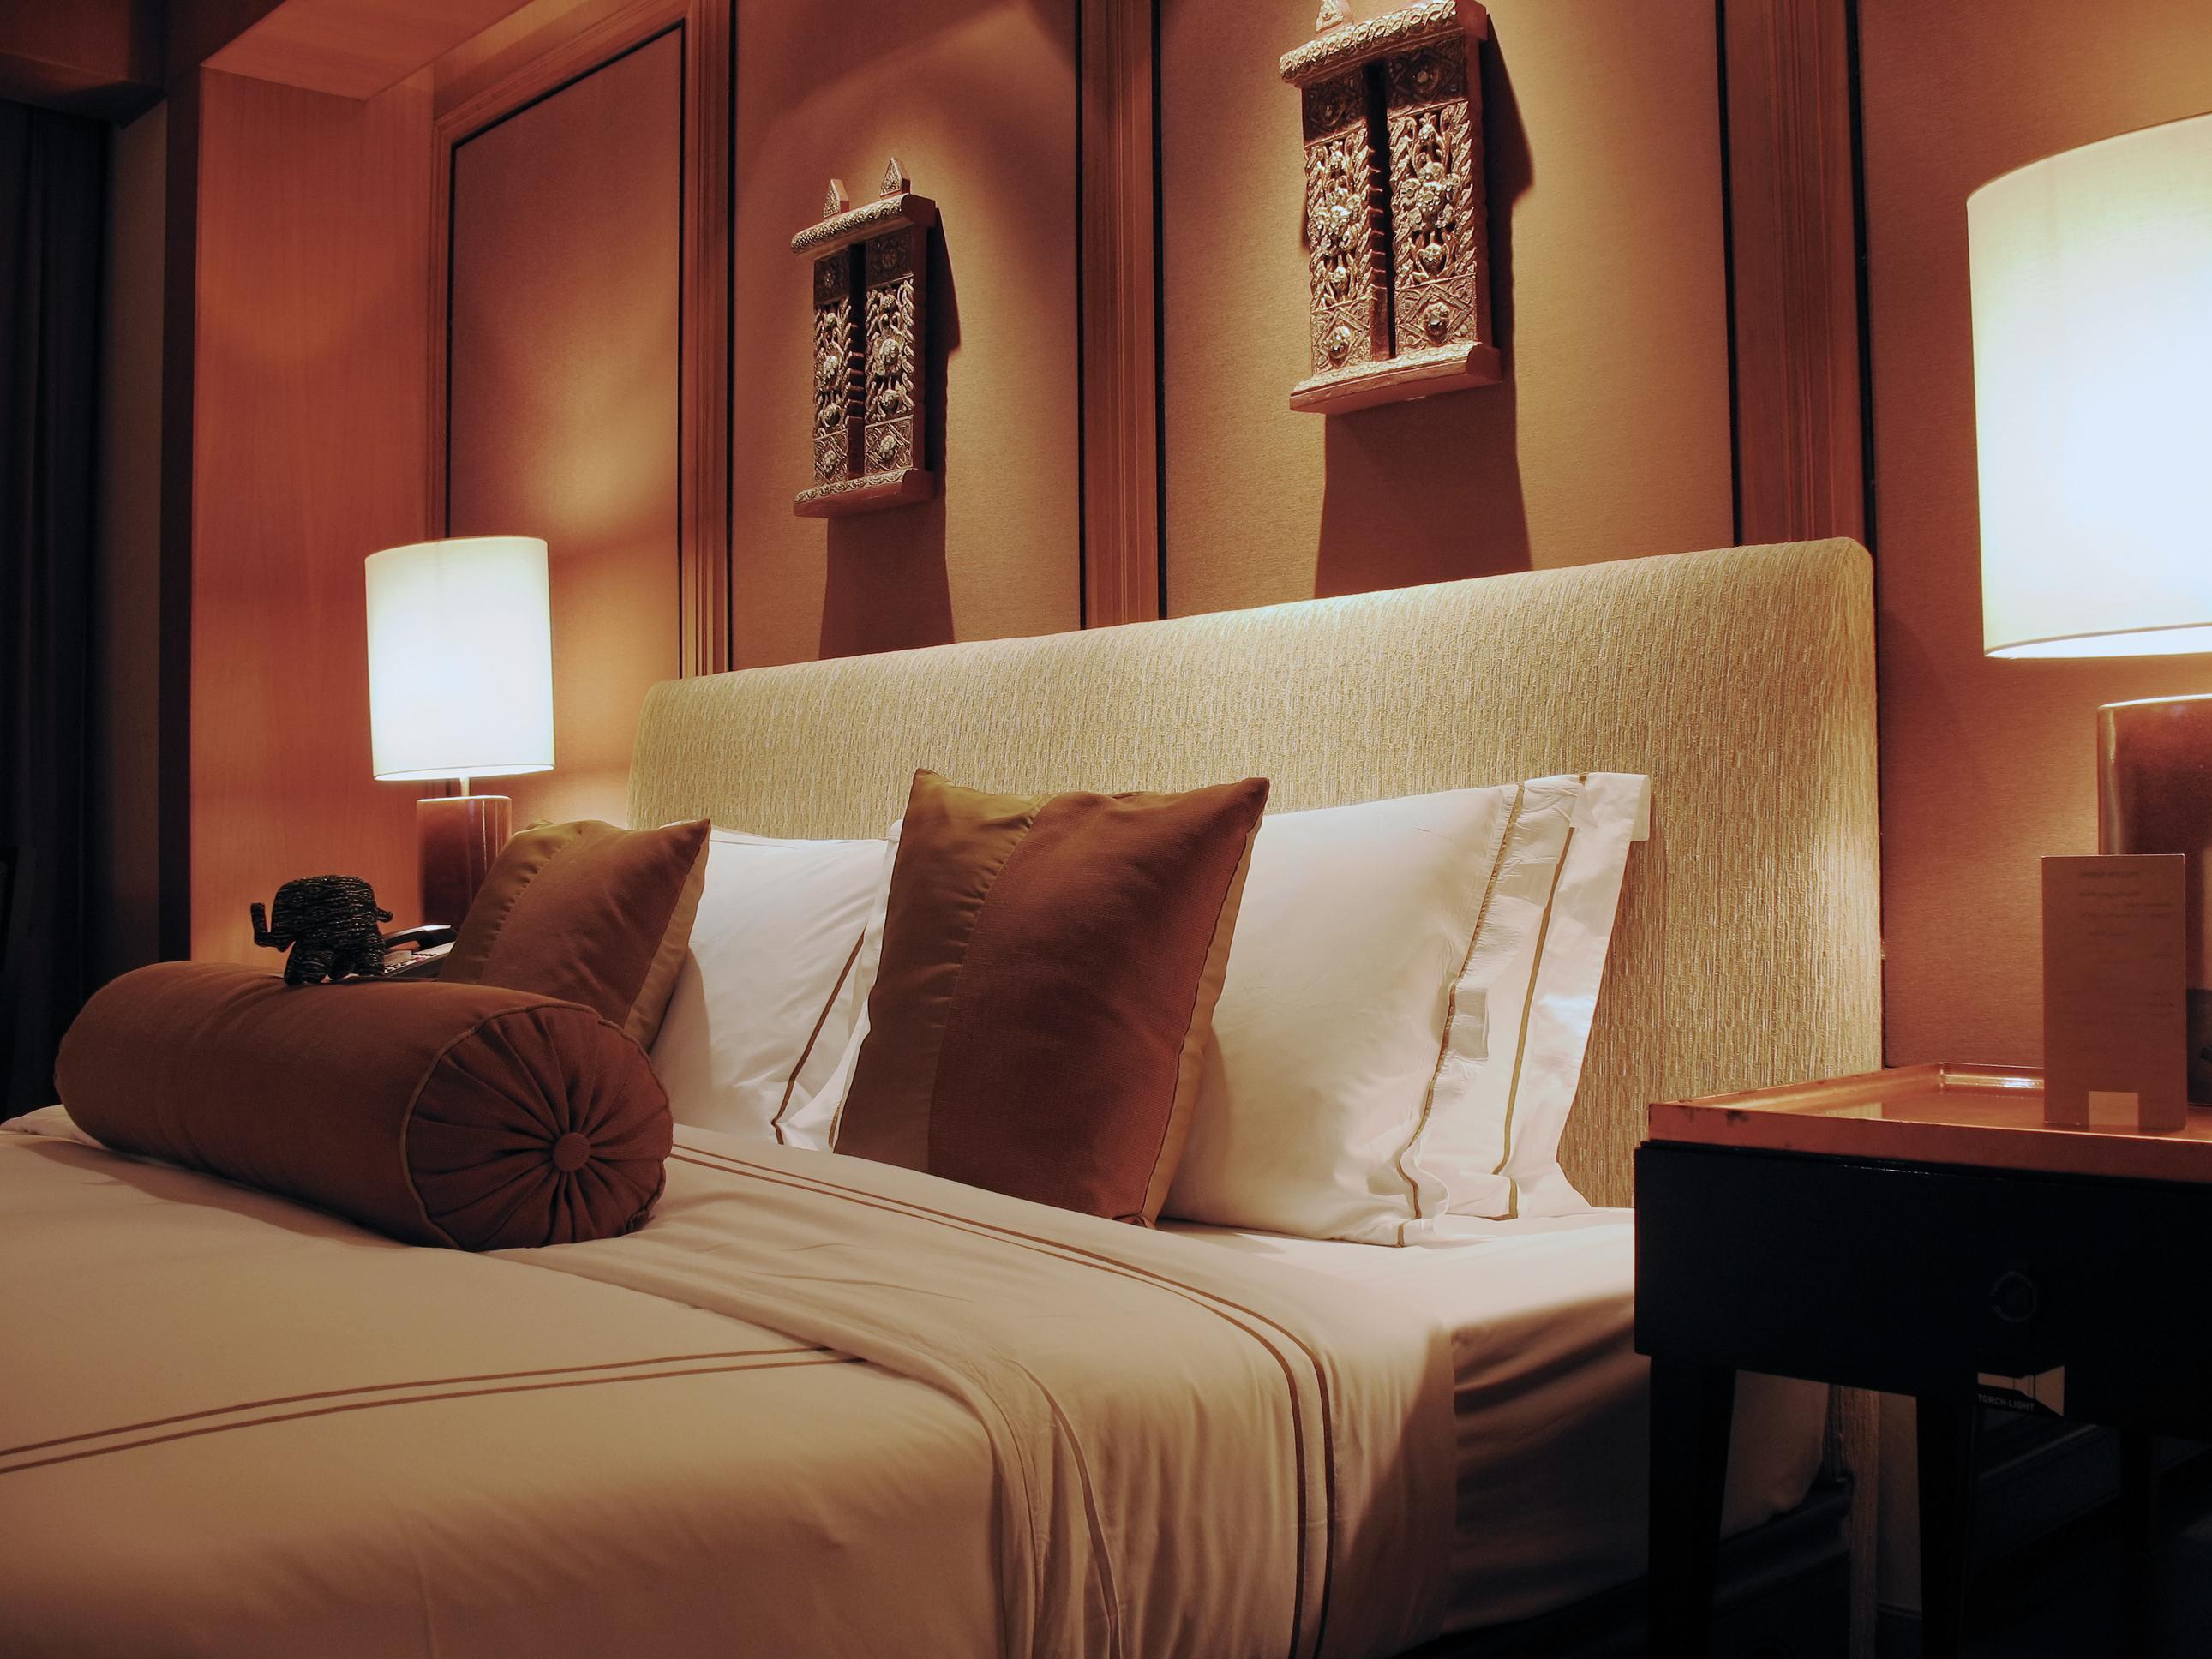 Kvalitets sengetøj